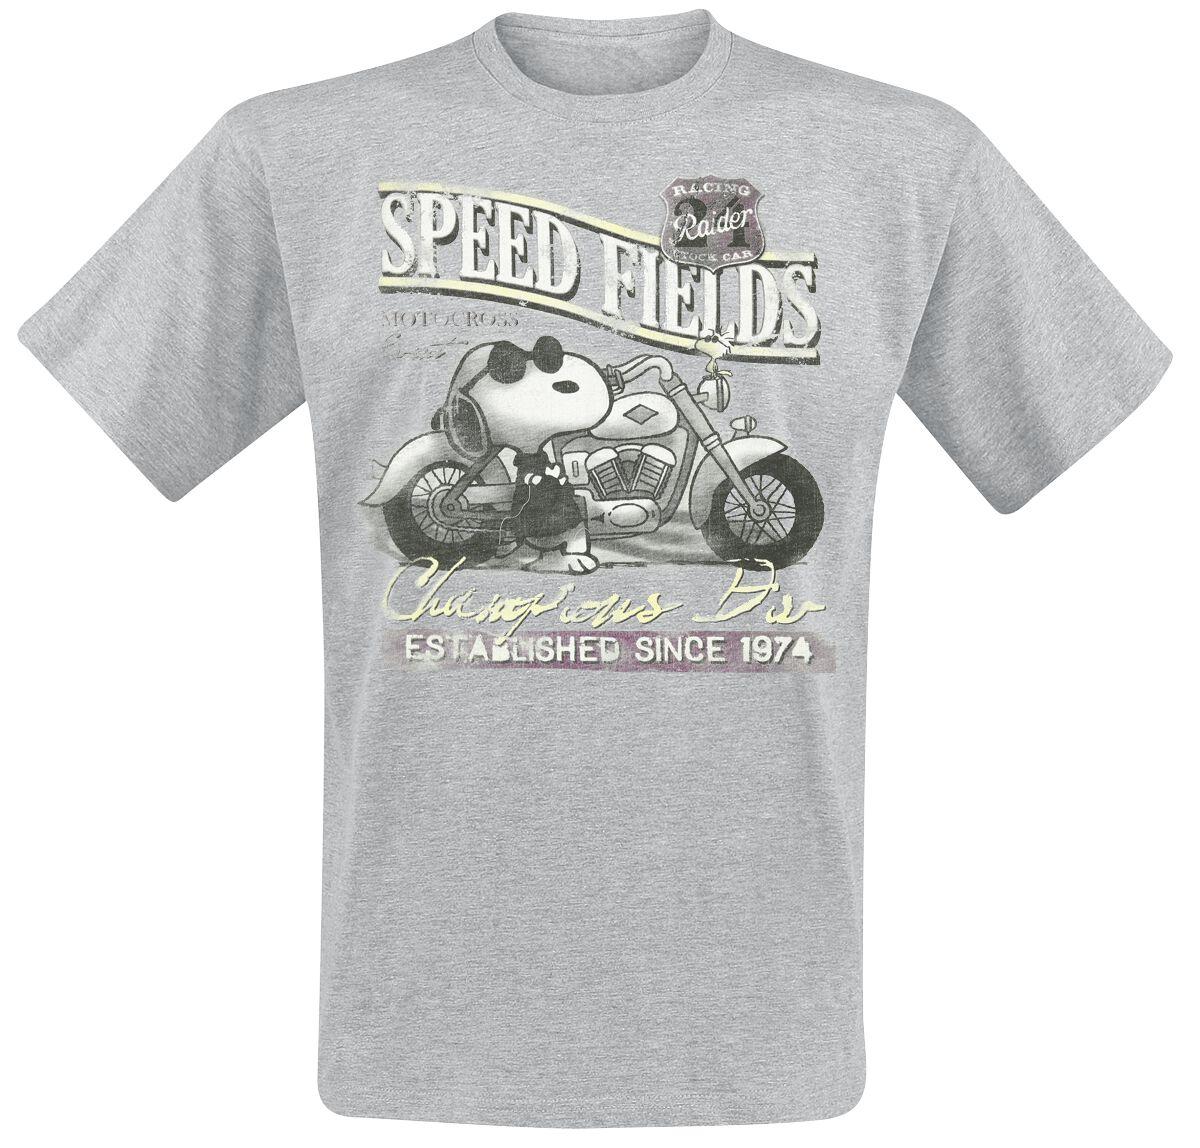 Merch dla Fanów - Koszulki - T-Shirt Fistaszki Snoopy Speed Fields T-Shirt odcienie szarego - 351345